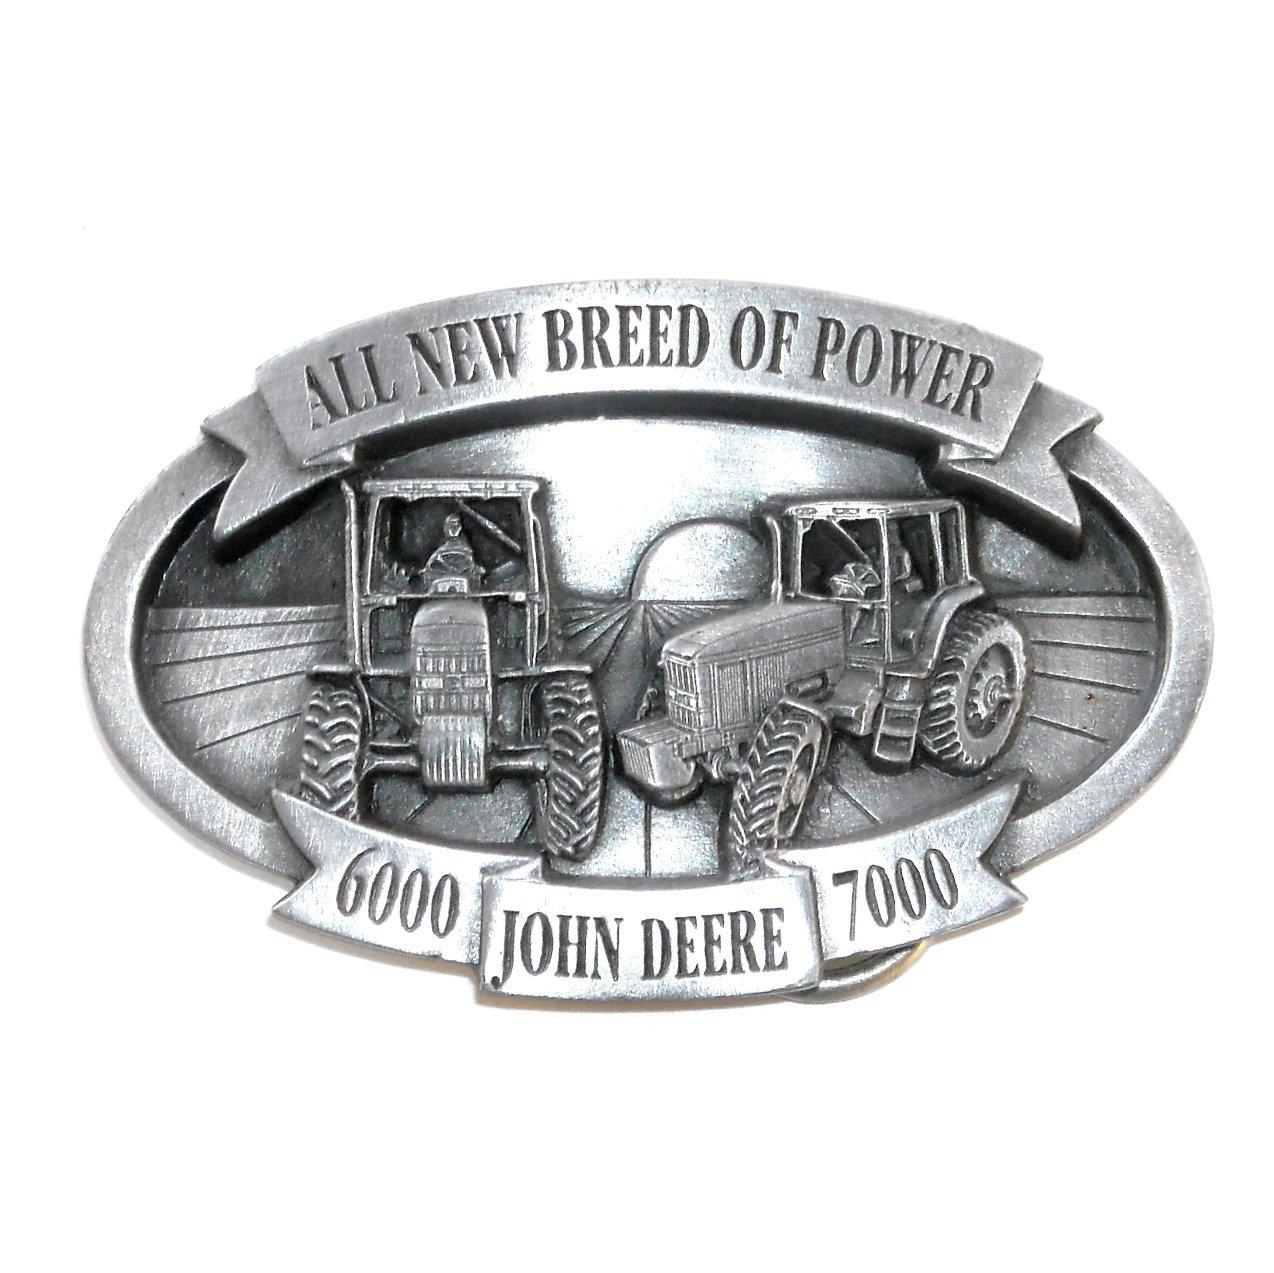 John Deere All New Breed Of Power Belt Buckle